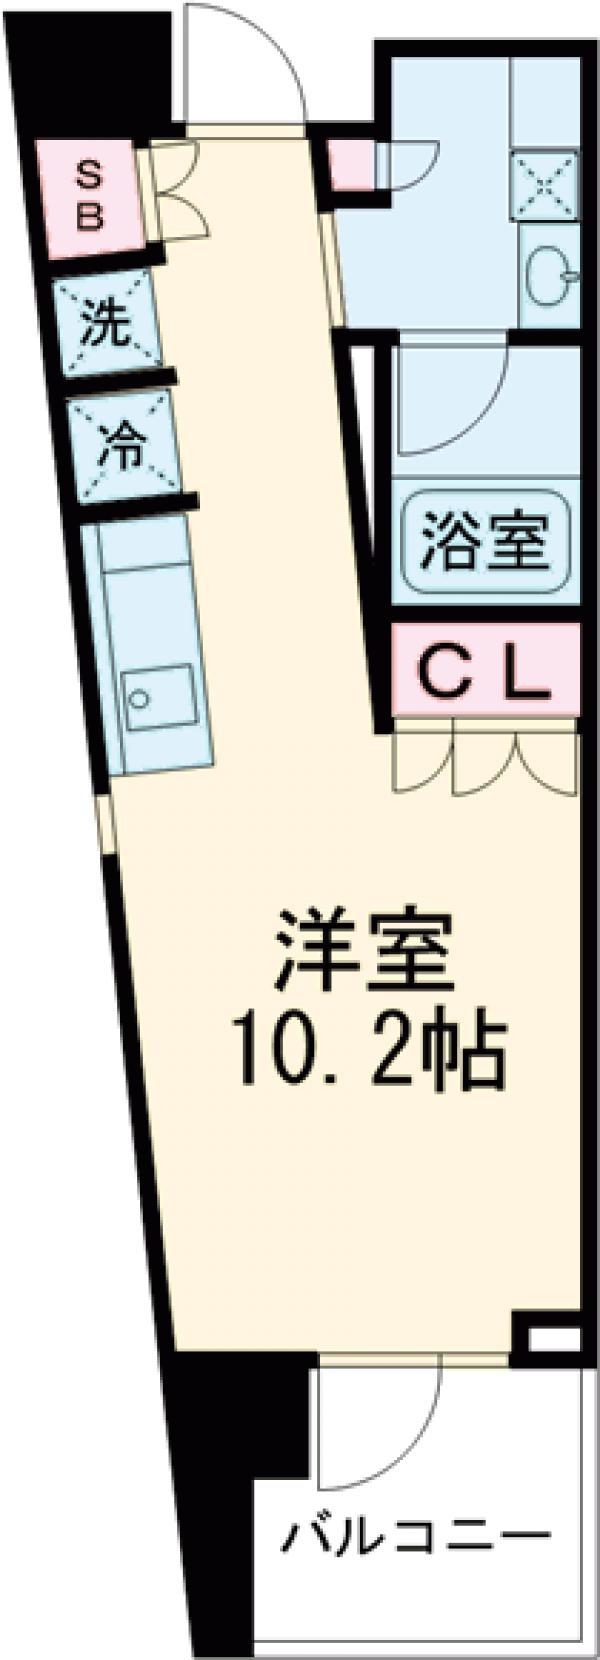 プライムメゾン早稲田通り・805号室の間取り